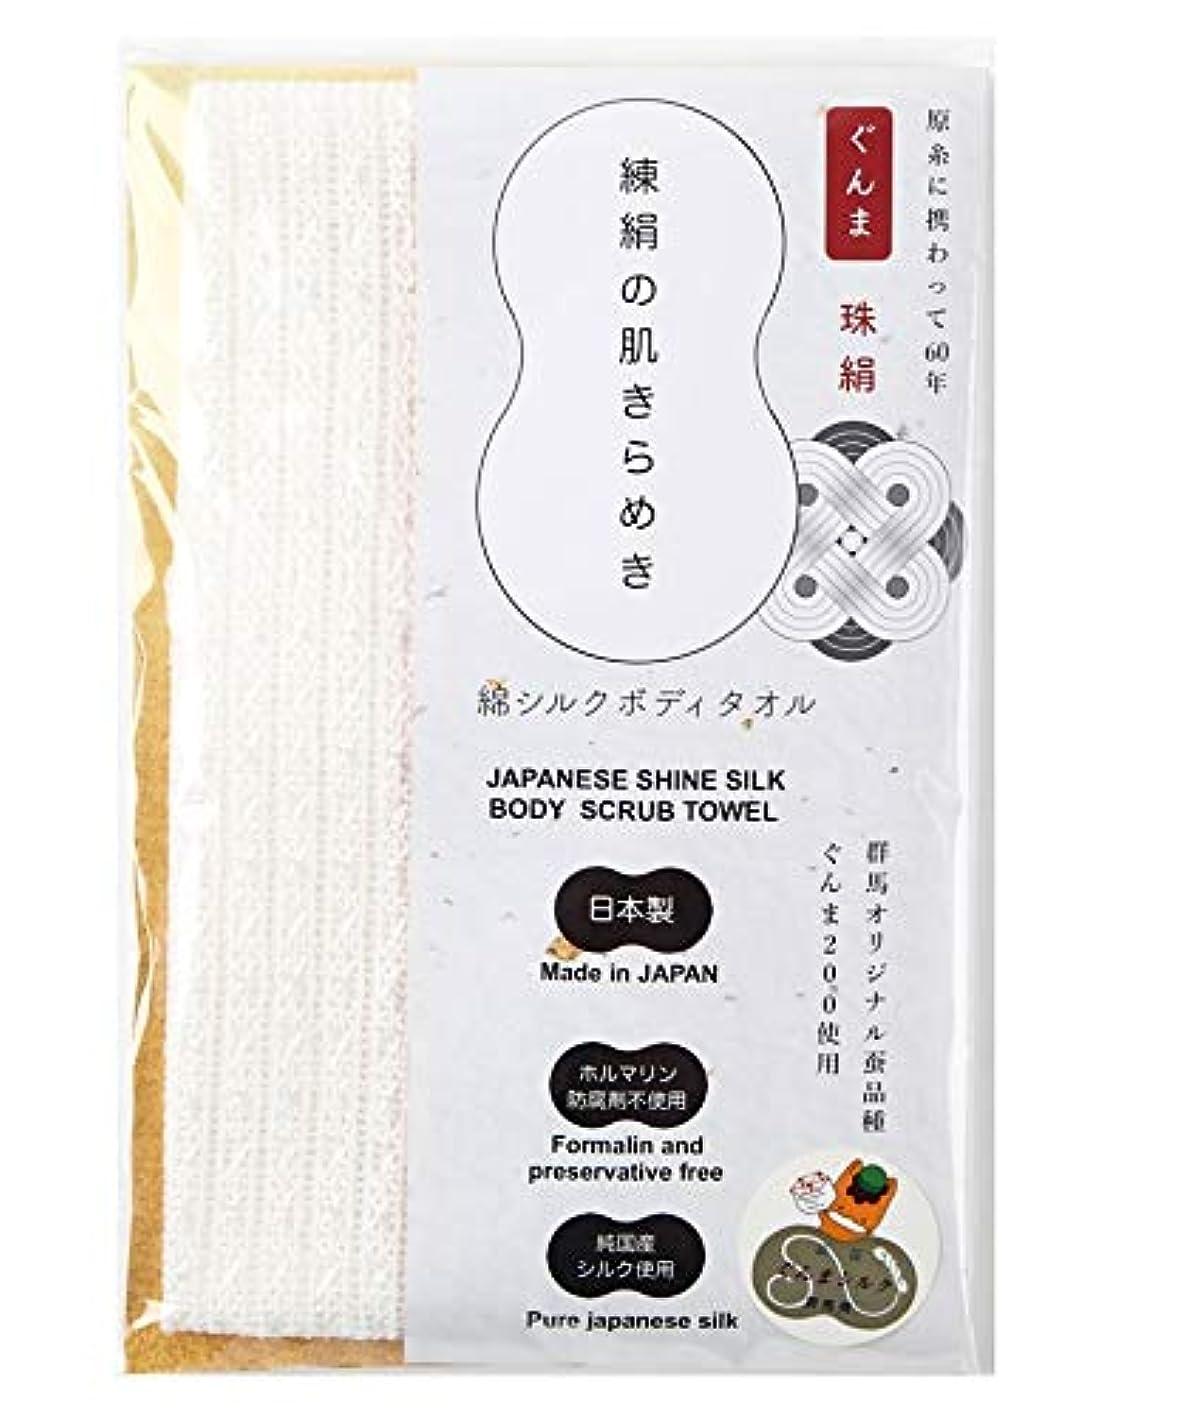 無数のスプーン掘るくーる&ほっと 珠絹(たまぎぬ) 練絹の肌きらめき 純国産絹(ぐんまシルク)使用 日本製 綿シルクボディタオル